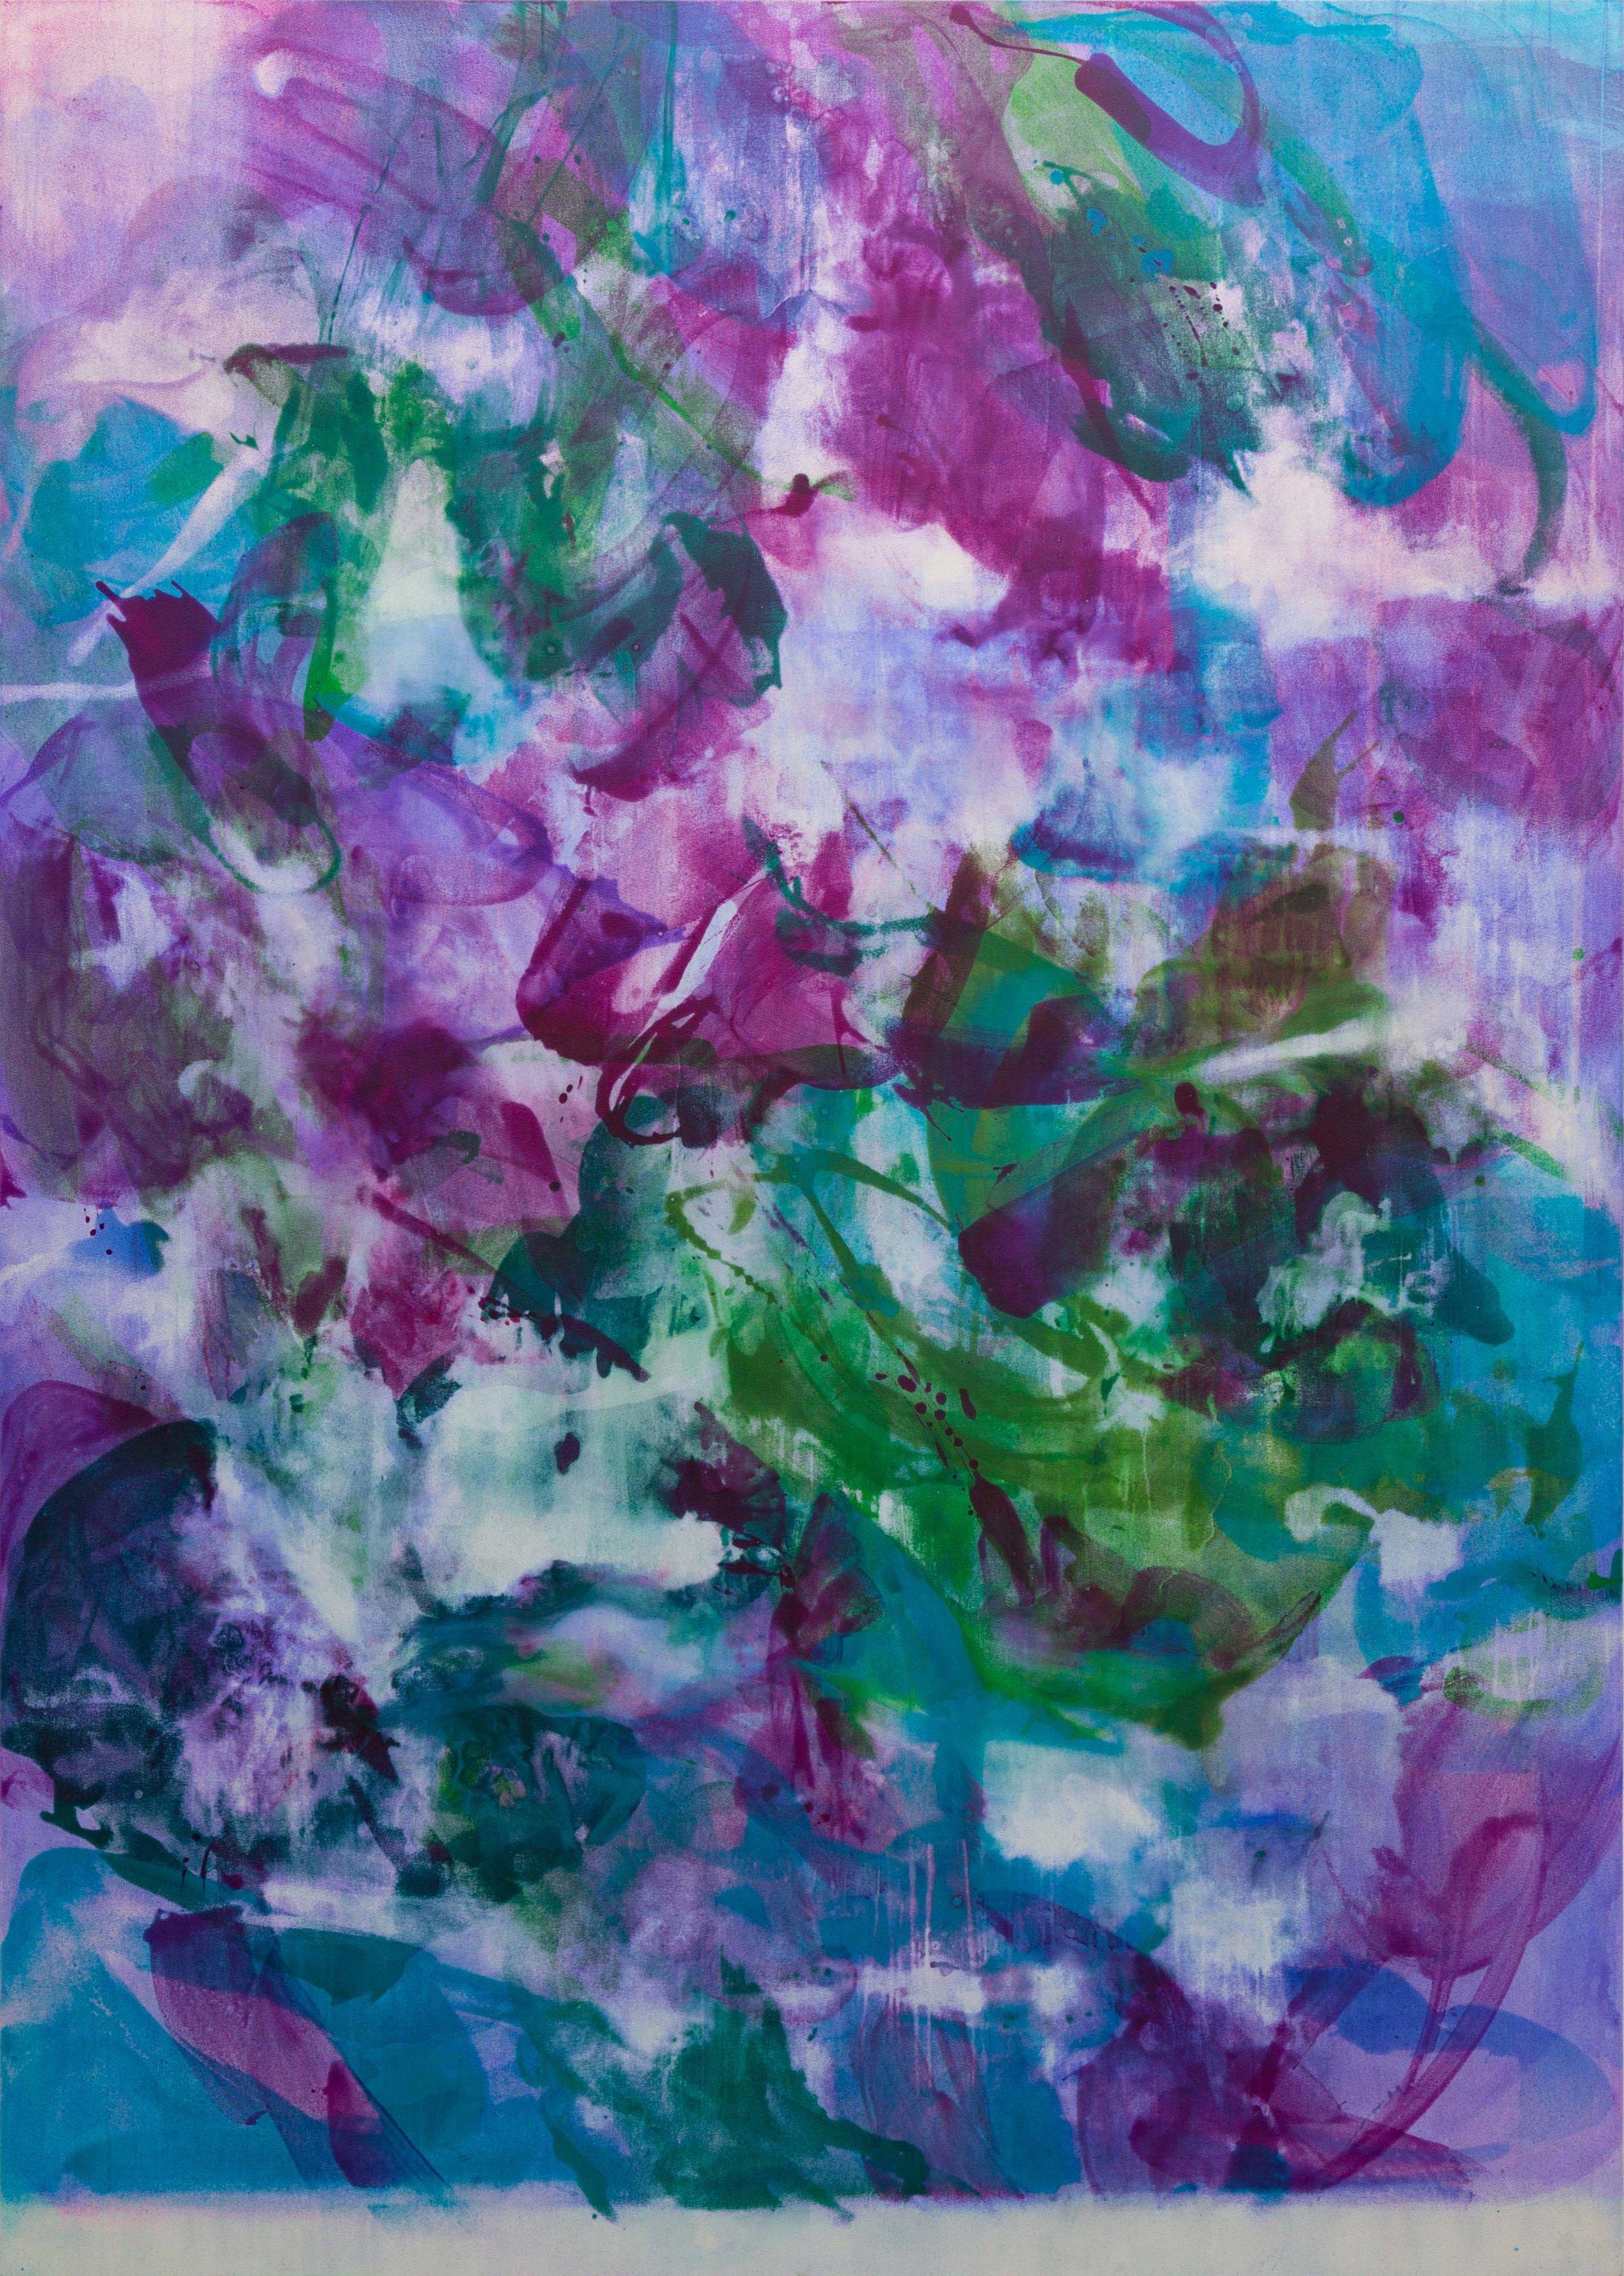 Distemper I  2018-2019  distemper on canvas  (pure pigment, rabbit skin glue)  213 x 152.5 cm